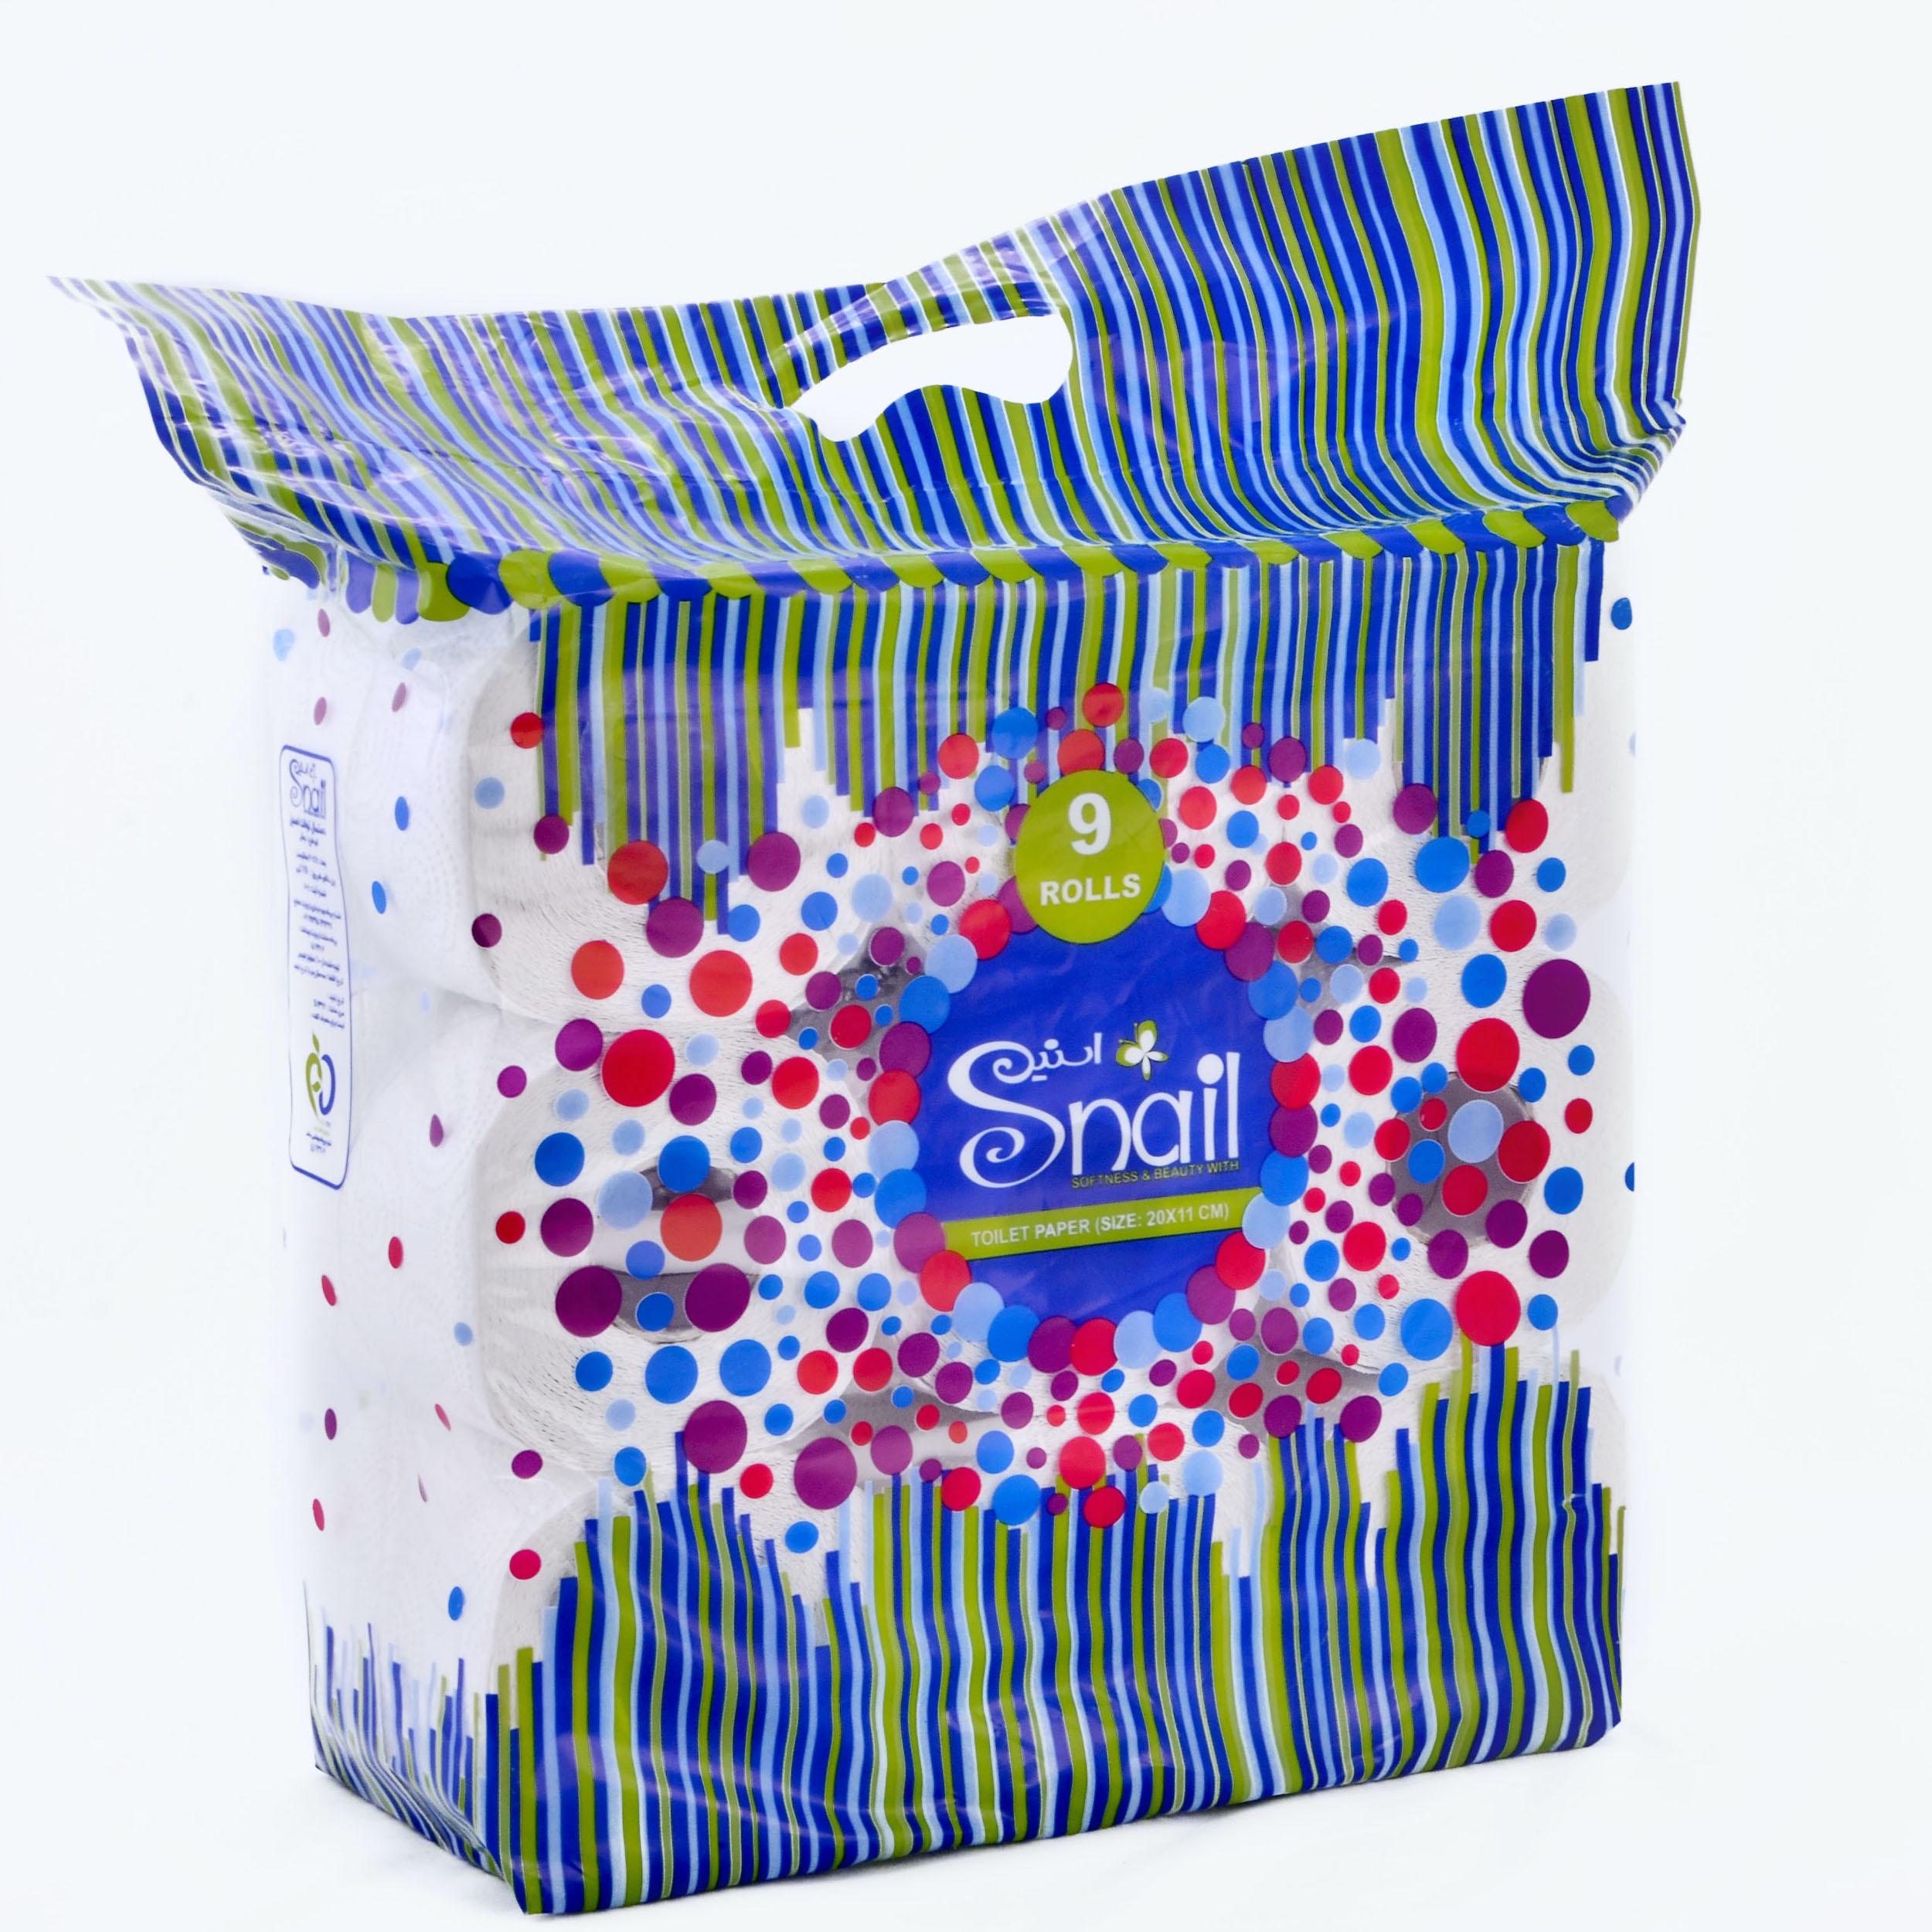 دستمال توالت اسنیل کد 01 بسته 9 عددی main 1 1